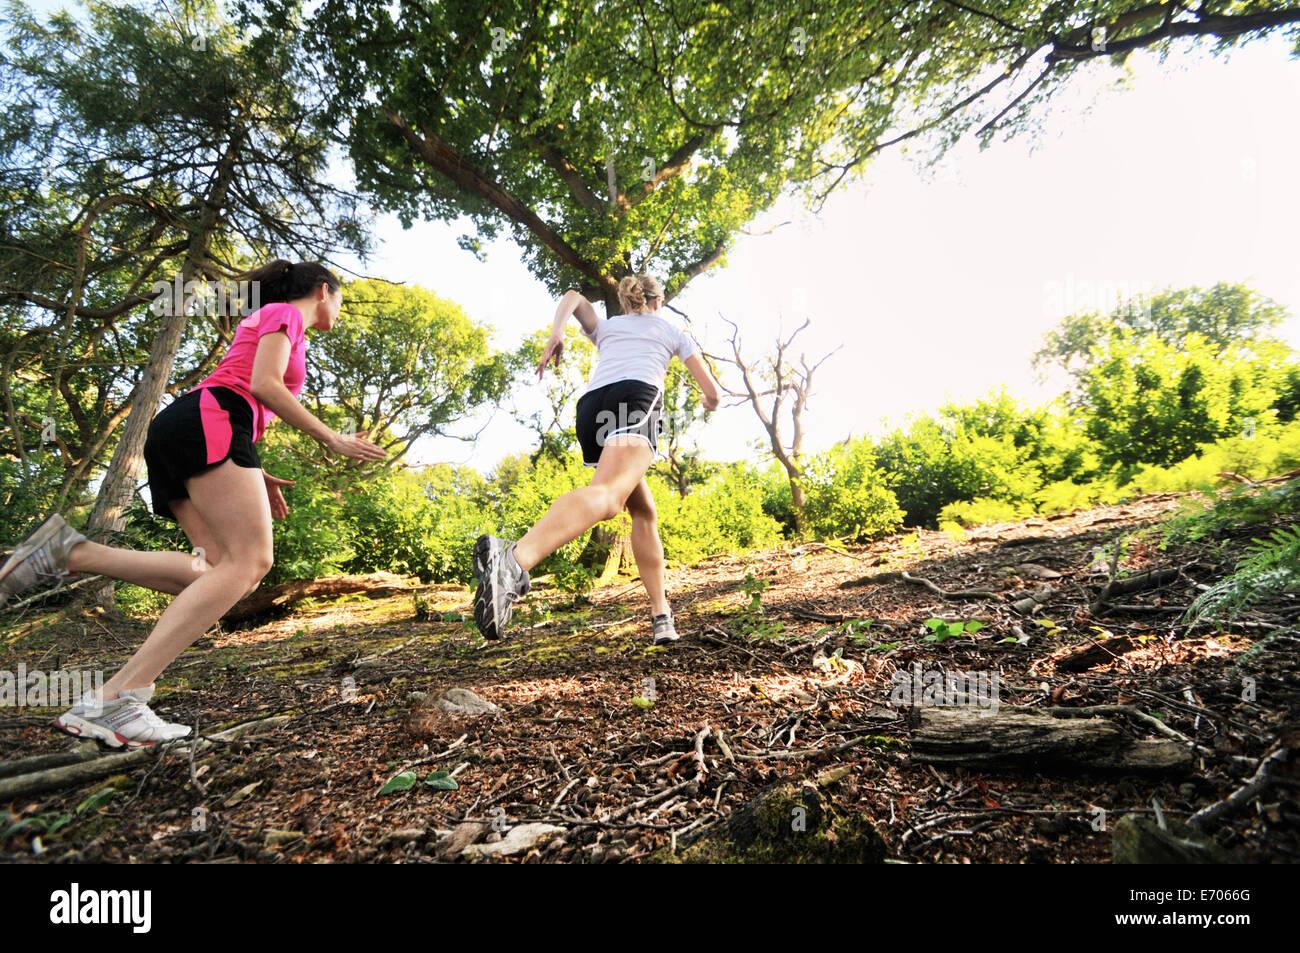 Deux jeunes femmes de coureurs piste en forêt Photo Stock